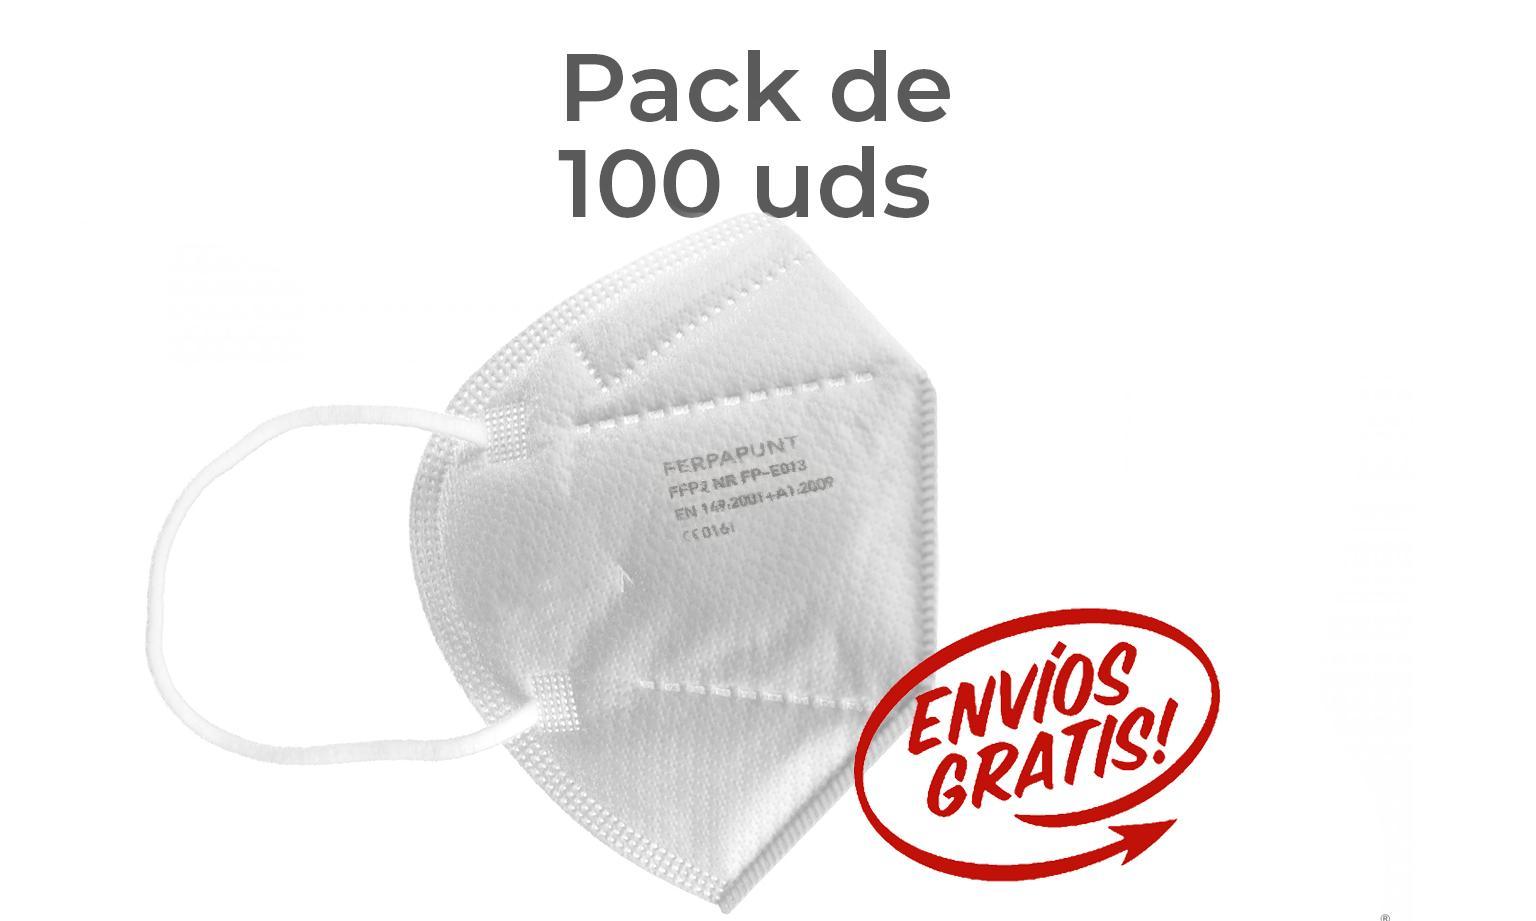 FFP2 NR Ferpa Punt Pack 100 *PORTES GRATIS*